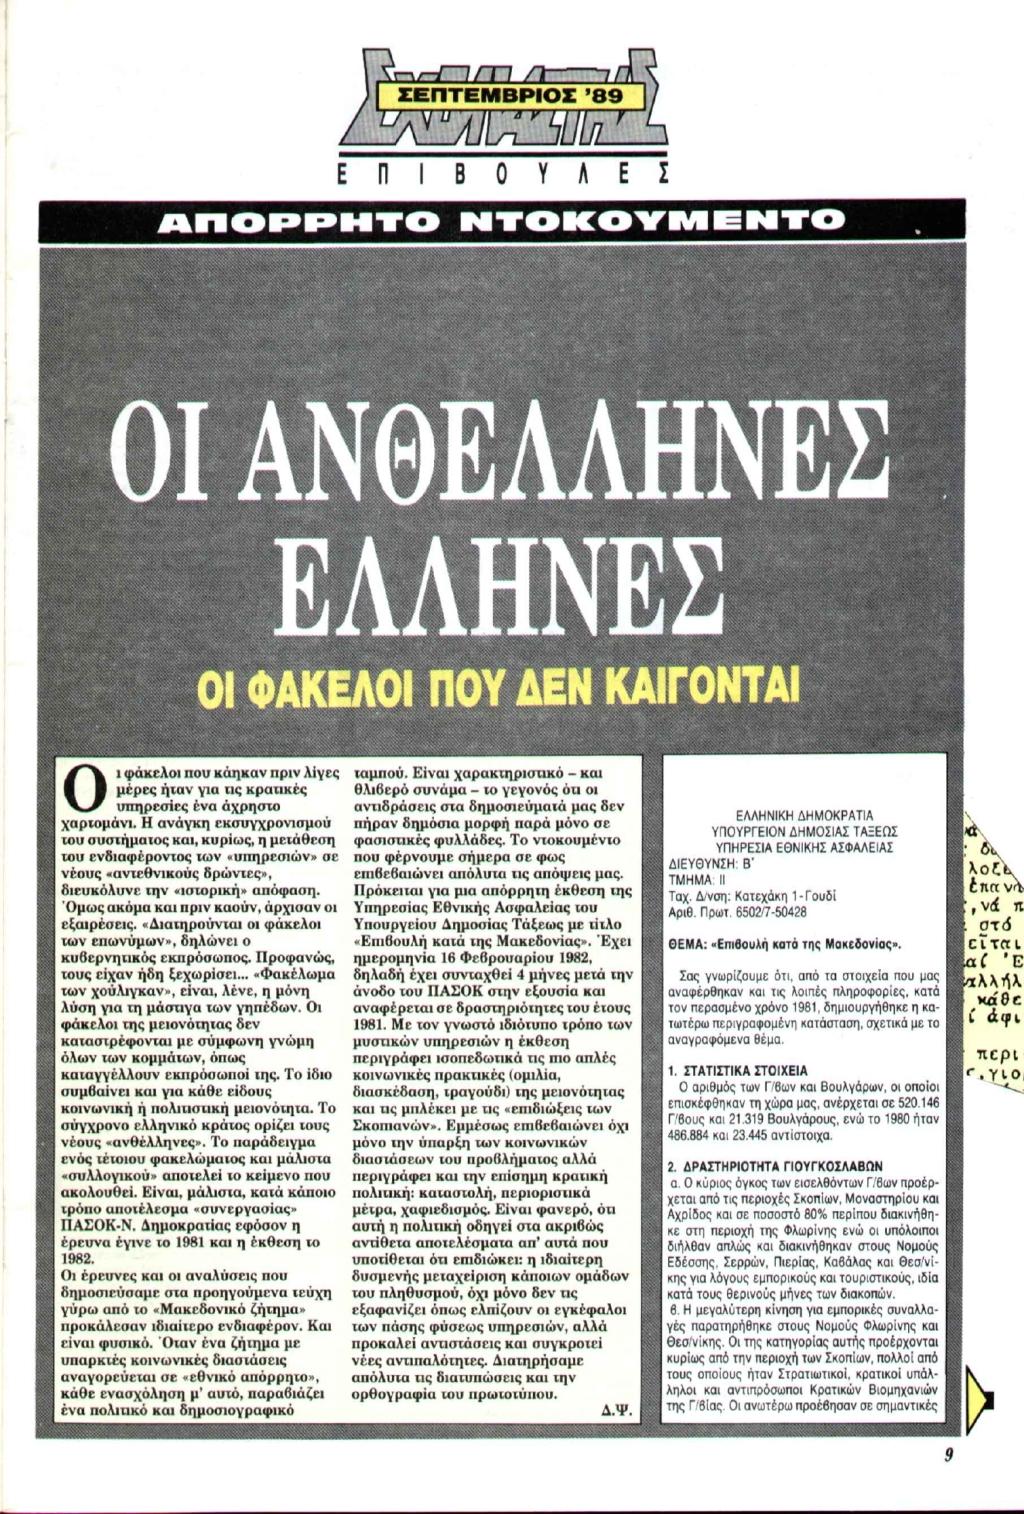 Σχολιαστής, τχ #79, Σεπτέμβριος 1989, Δημήτρης Ψαρράς, Οι ανθέλληνες Ελληνες, Οι φάκελοι που δεν καίγονται, Απόρρητο ντοκουμέντο, Επιβουλή κατά της Μακεδονίας